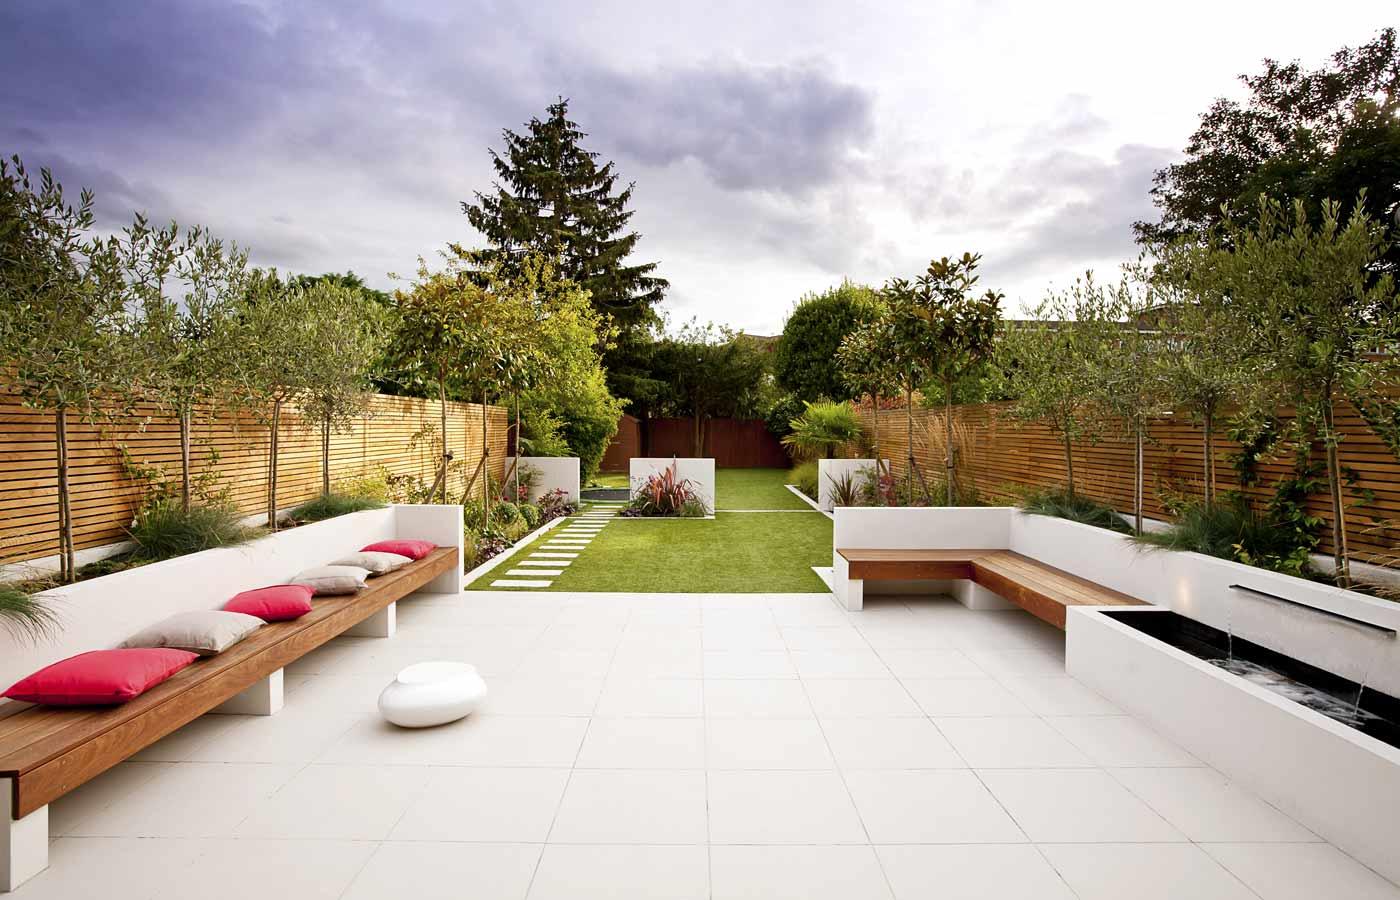 дизайн двора в частном доме фото отличие традиционного ковра